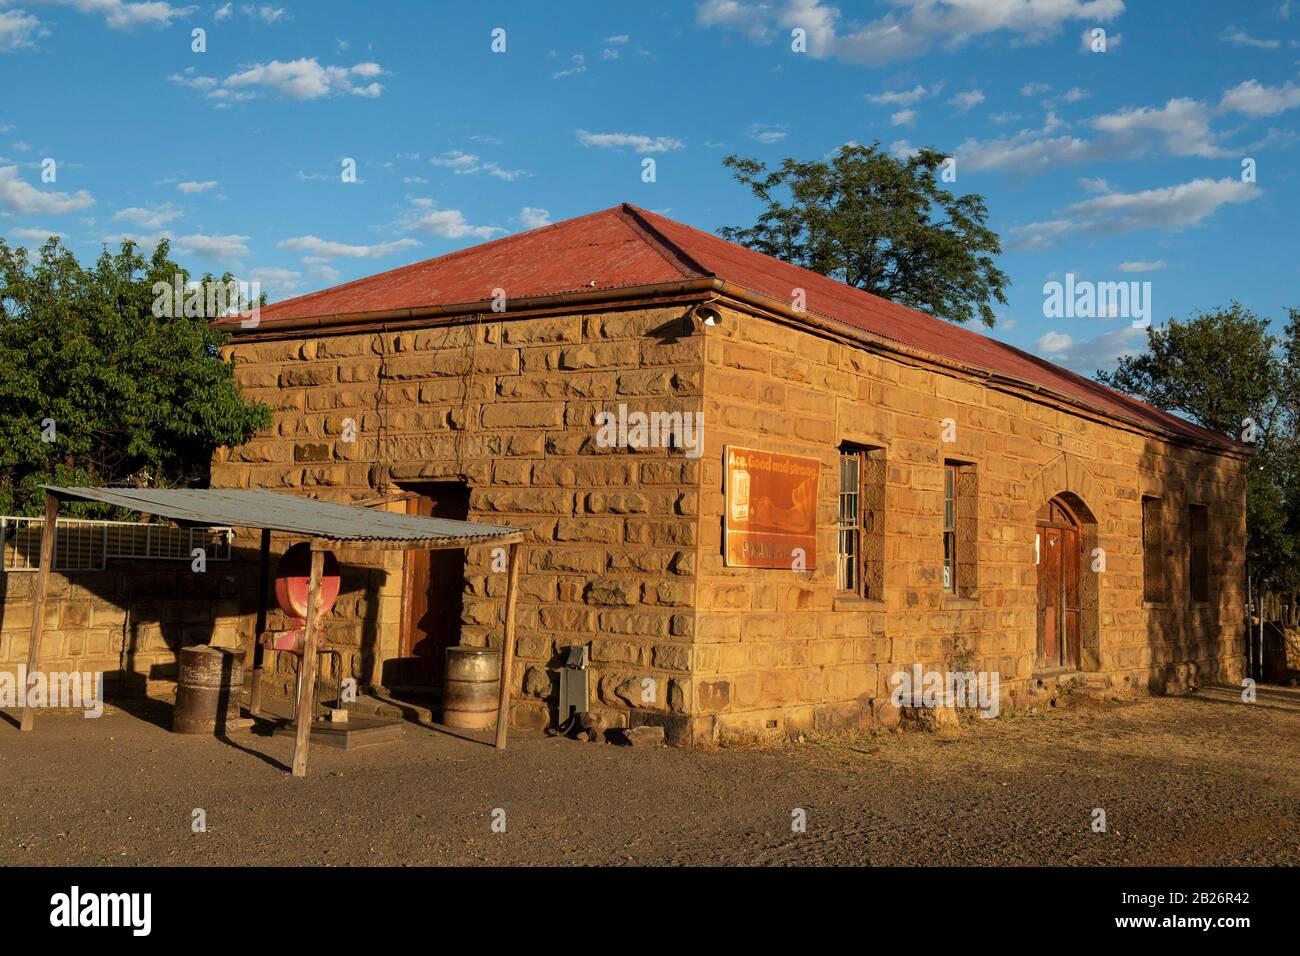 Histórico edificio de arenisca, Fort Hartley, Lesotho Foto de stock